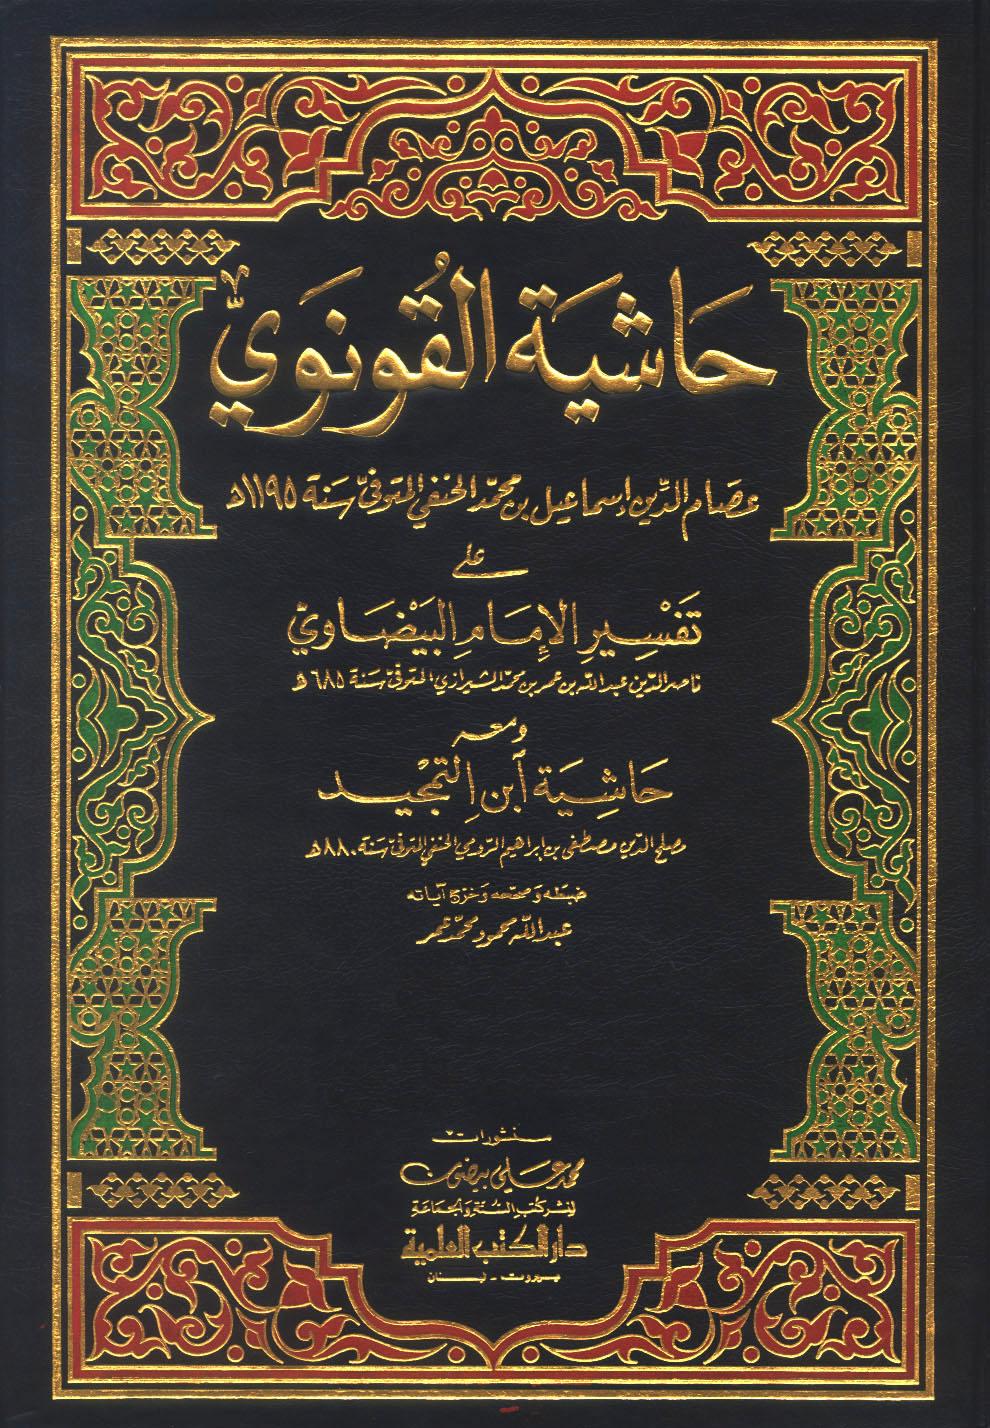 حاشية القونوي على تفسير الإمام البيضاوي - عصام الدين أبو المفدى إسماعيل بن محمد بن مصطفى القونوي الحنفي (ت 1195)